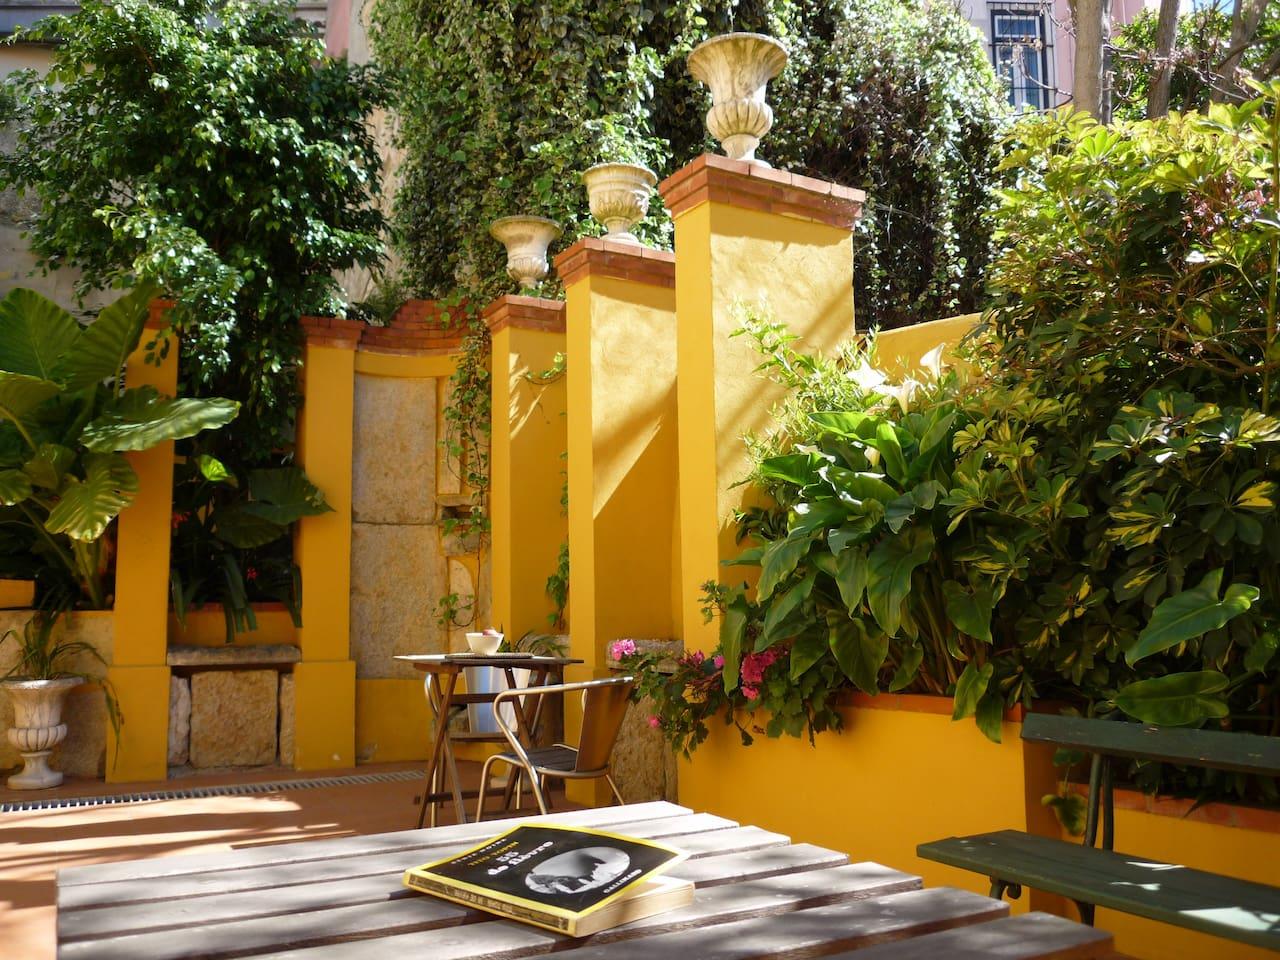 Sunny & lush private garden